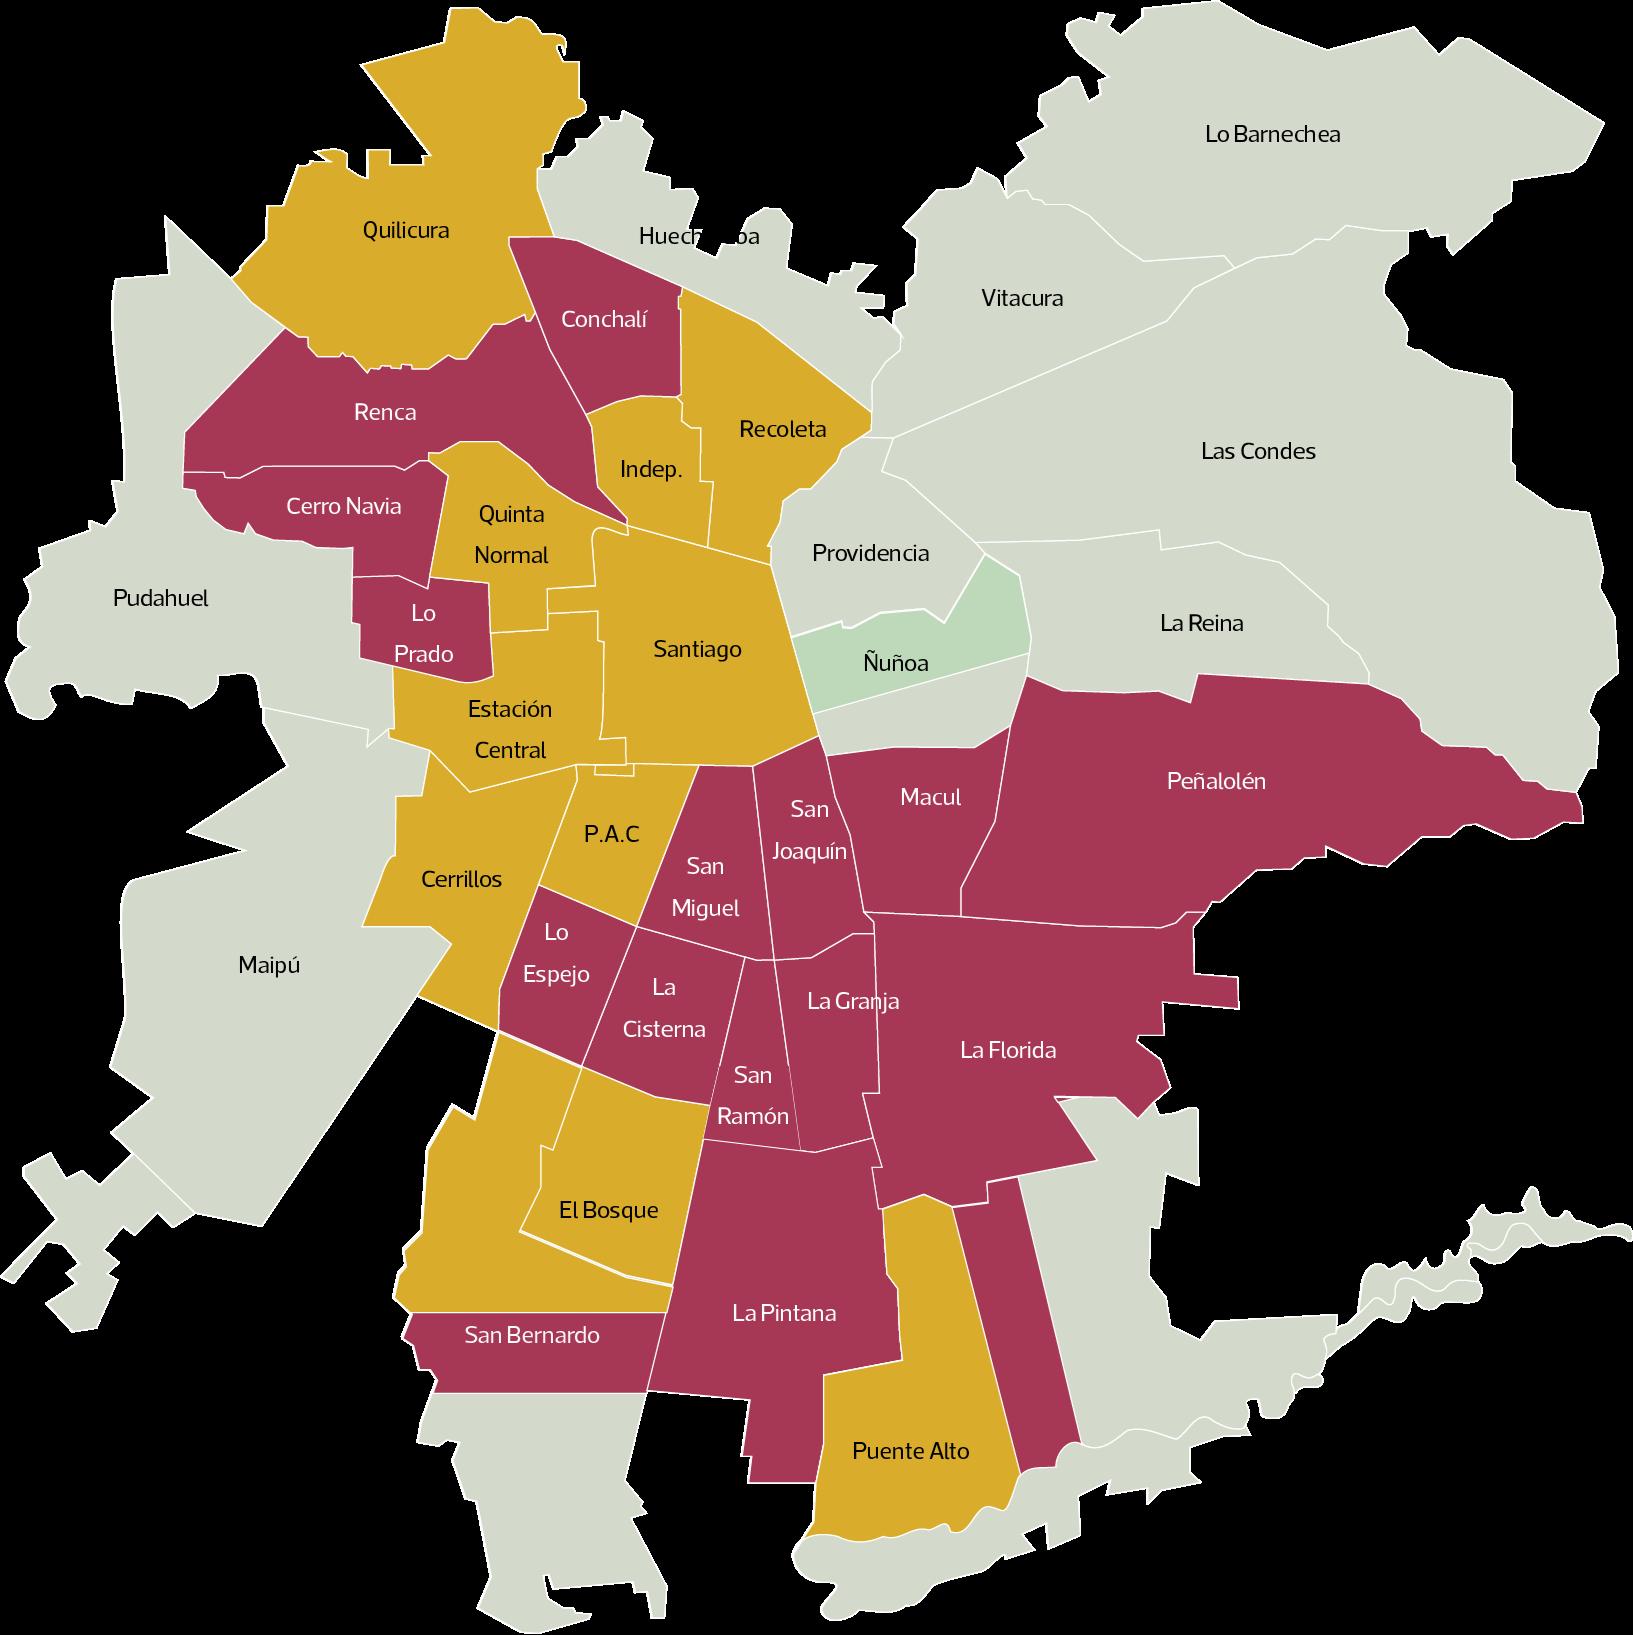 Noticias Chile | Revisa las comunas de la capital que podrían tener cuarentena por alza de contagios covid-19